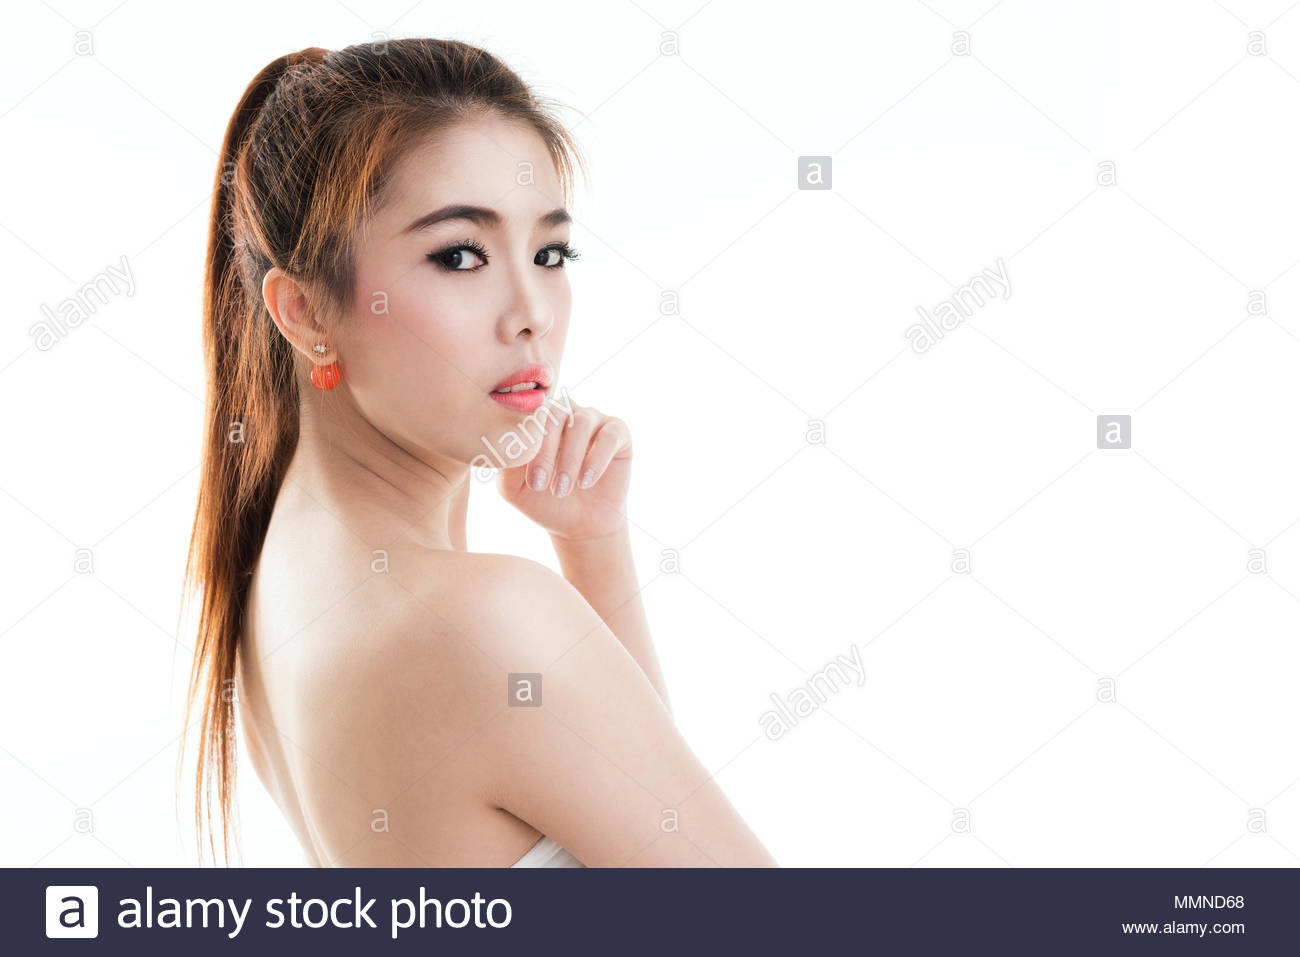 Huge natural latina tits